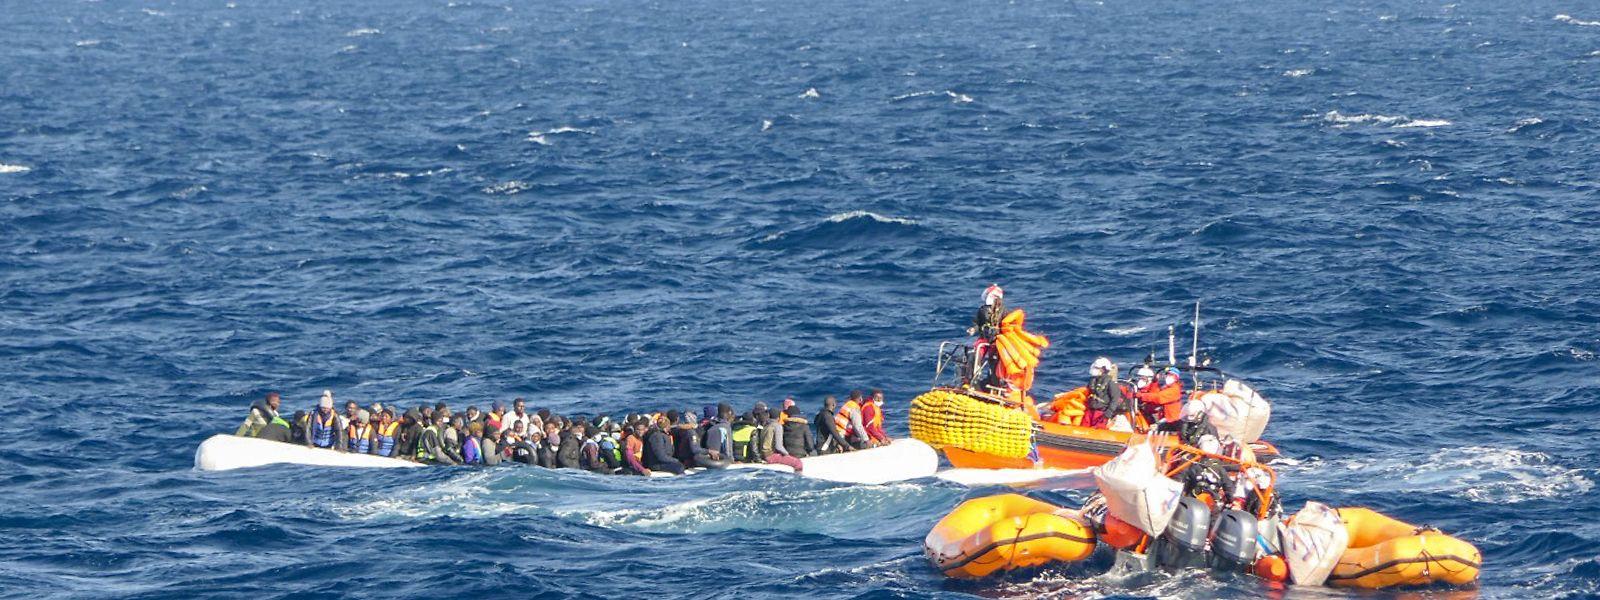 Immer wieder werden Bootsflüchtlinge im Mittelmeer aus prekären Situationen gerettet.